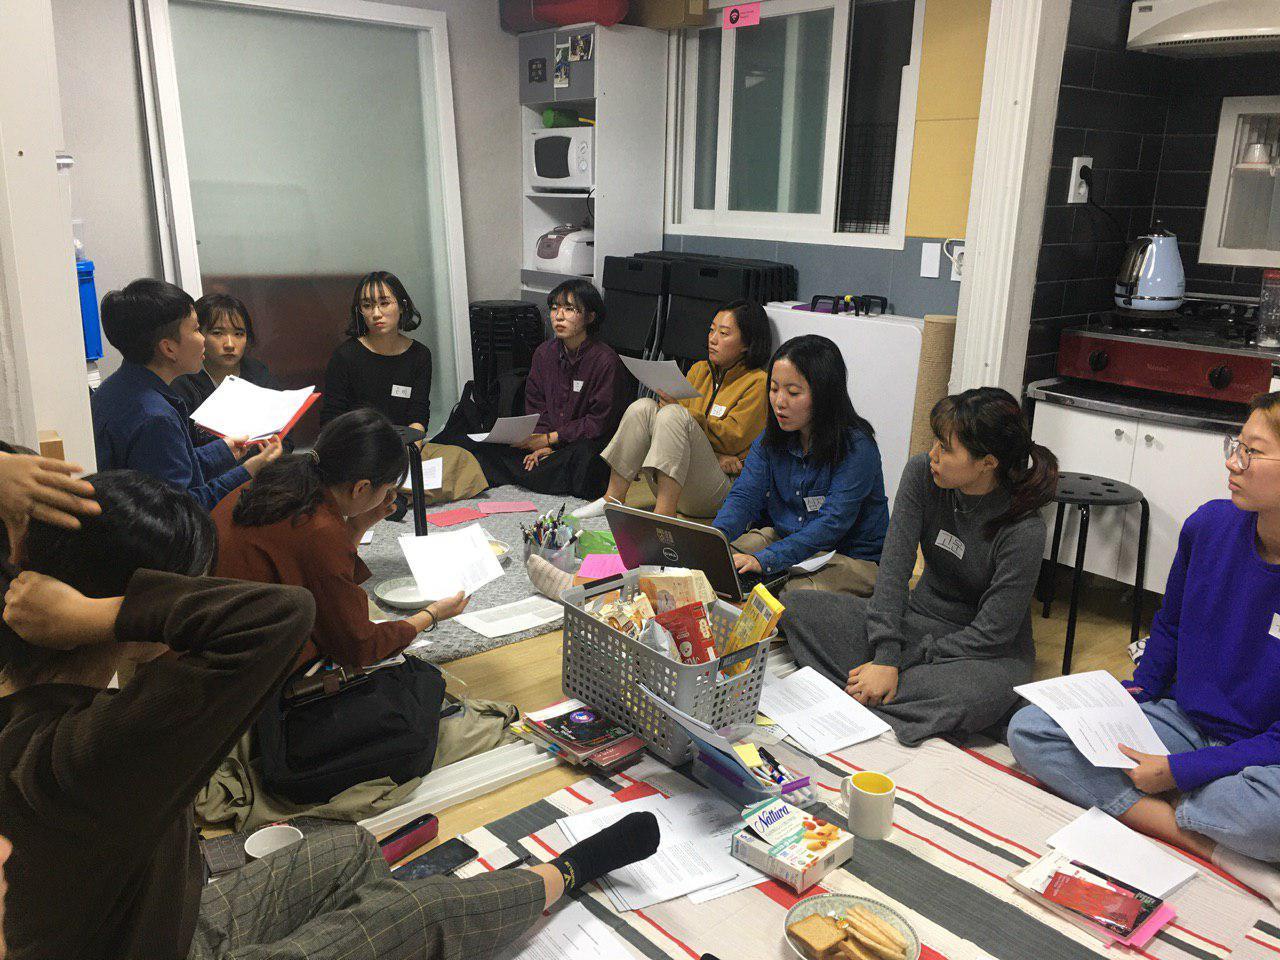 그림1: 활동가들이 사무실 바닥에 모여 앉아있다. 세미나 참고 자료는 바닥에 놓여있거나 활동가의 손에 쥐여 있다. 세미나를 진행하는 다희가 말하고 있고, 다른 활동가들의 시선은 다희를 향하고 있다.